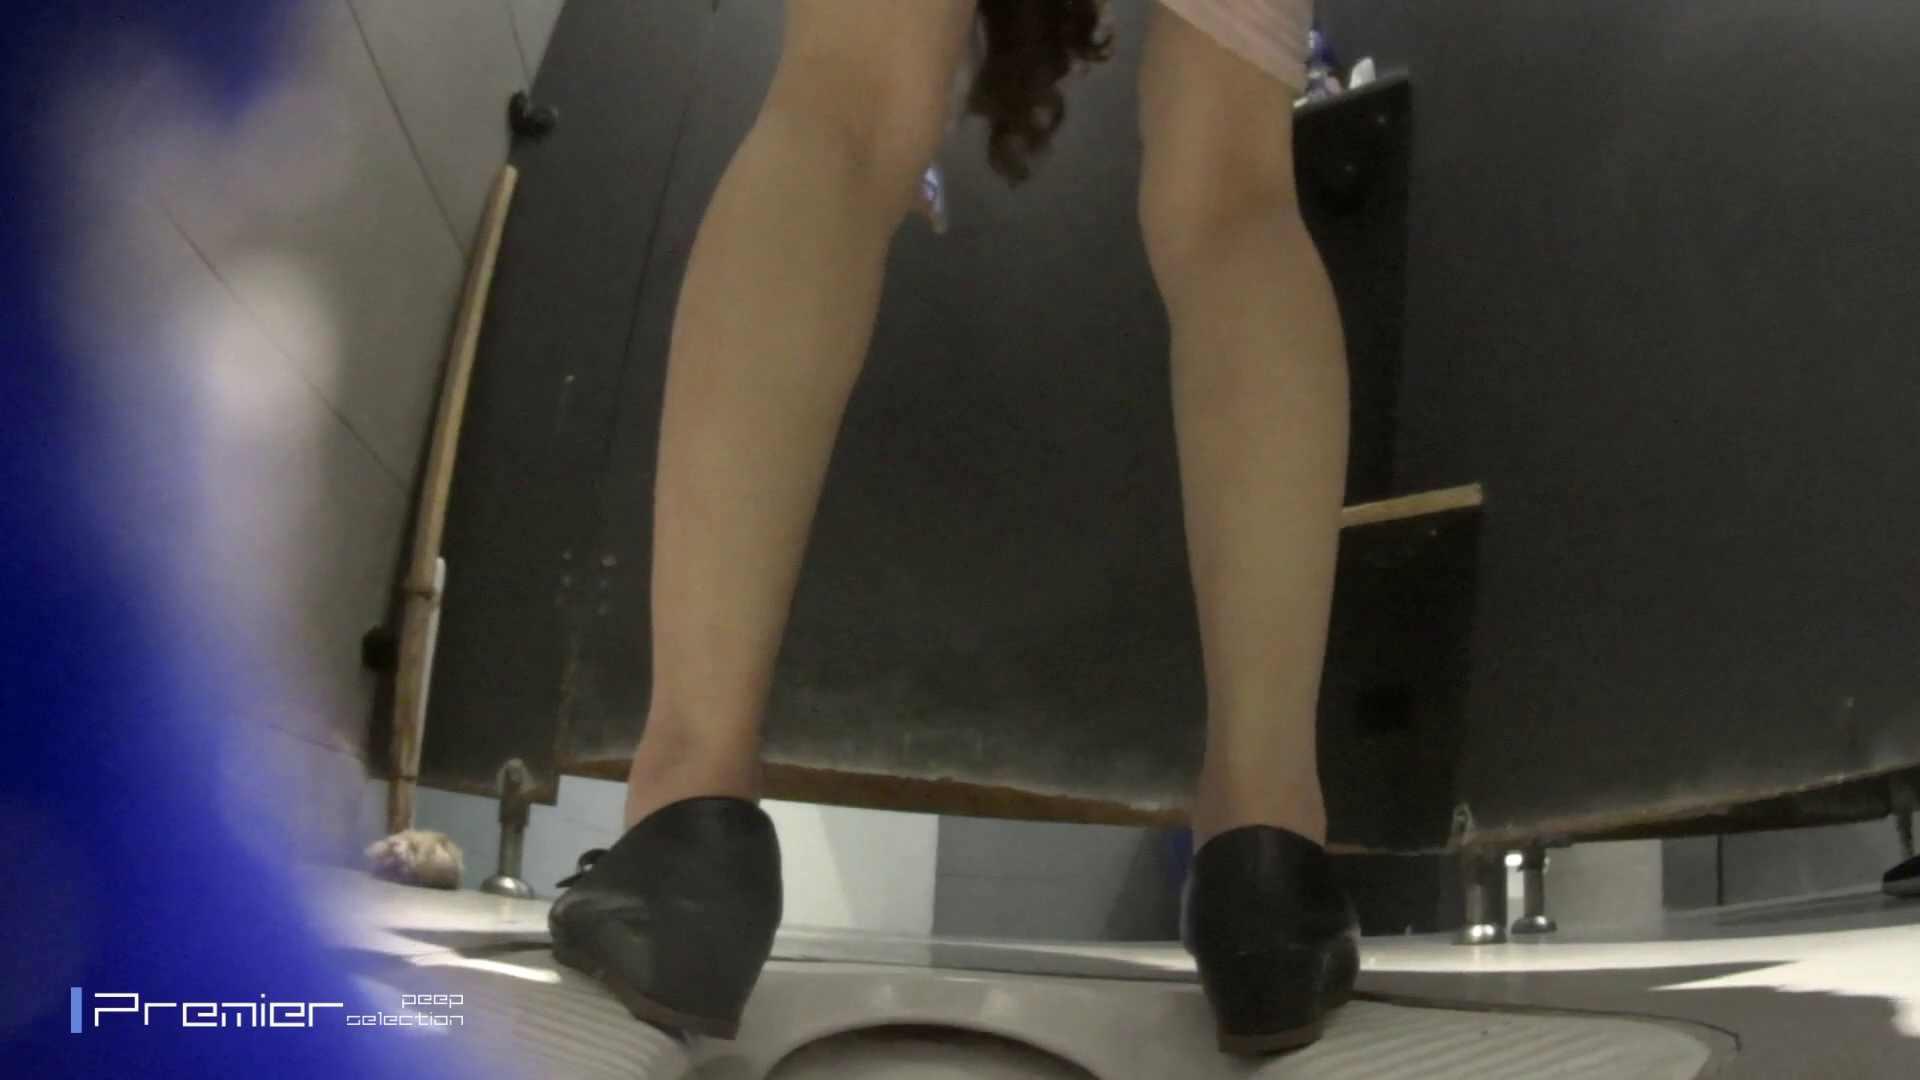 色白美女の洗面所 大学休憩時間の洗面所事情51 美肌   美女H映像  55画像 51